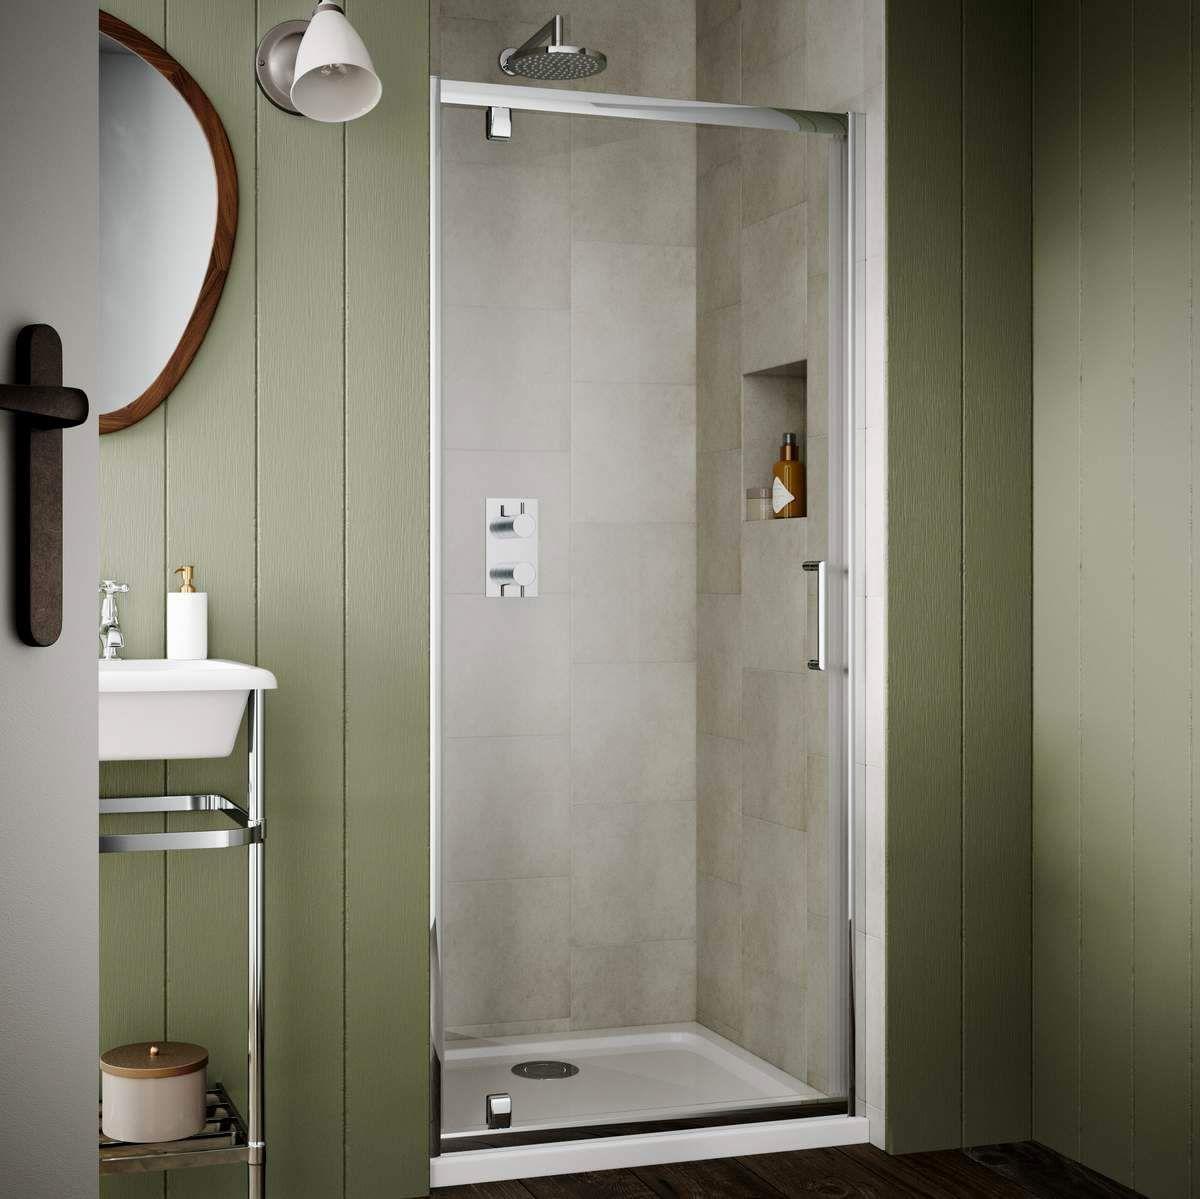 Sommer 6 Pivot Shower Door